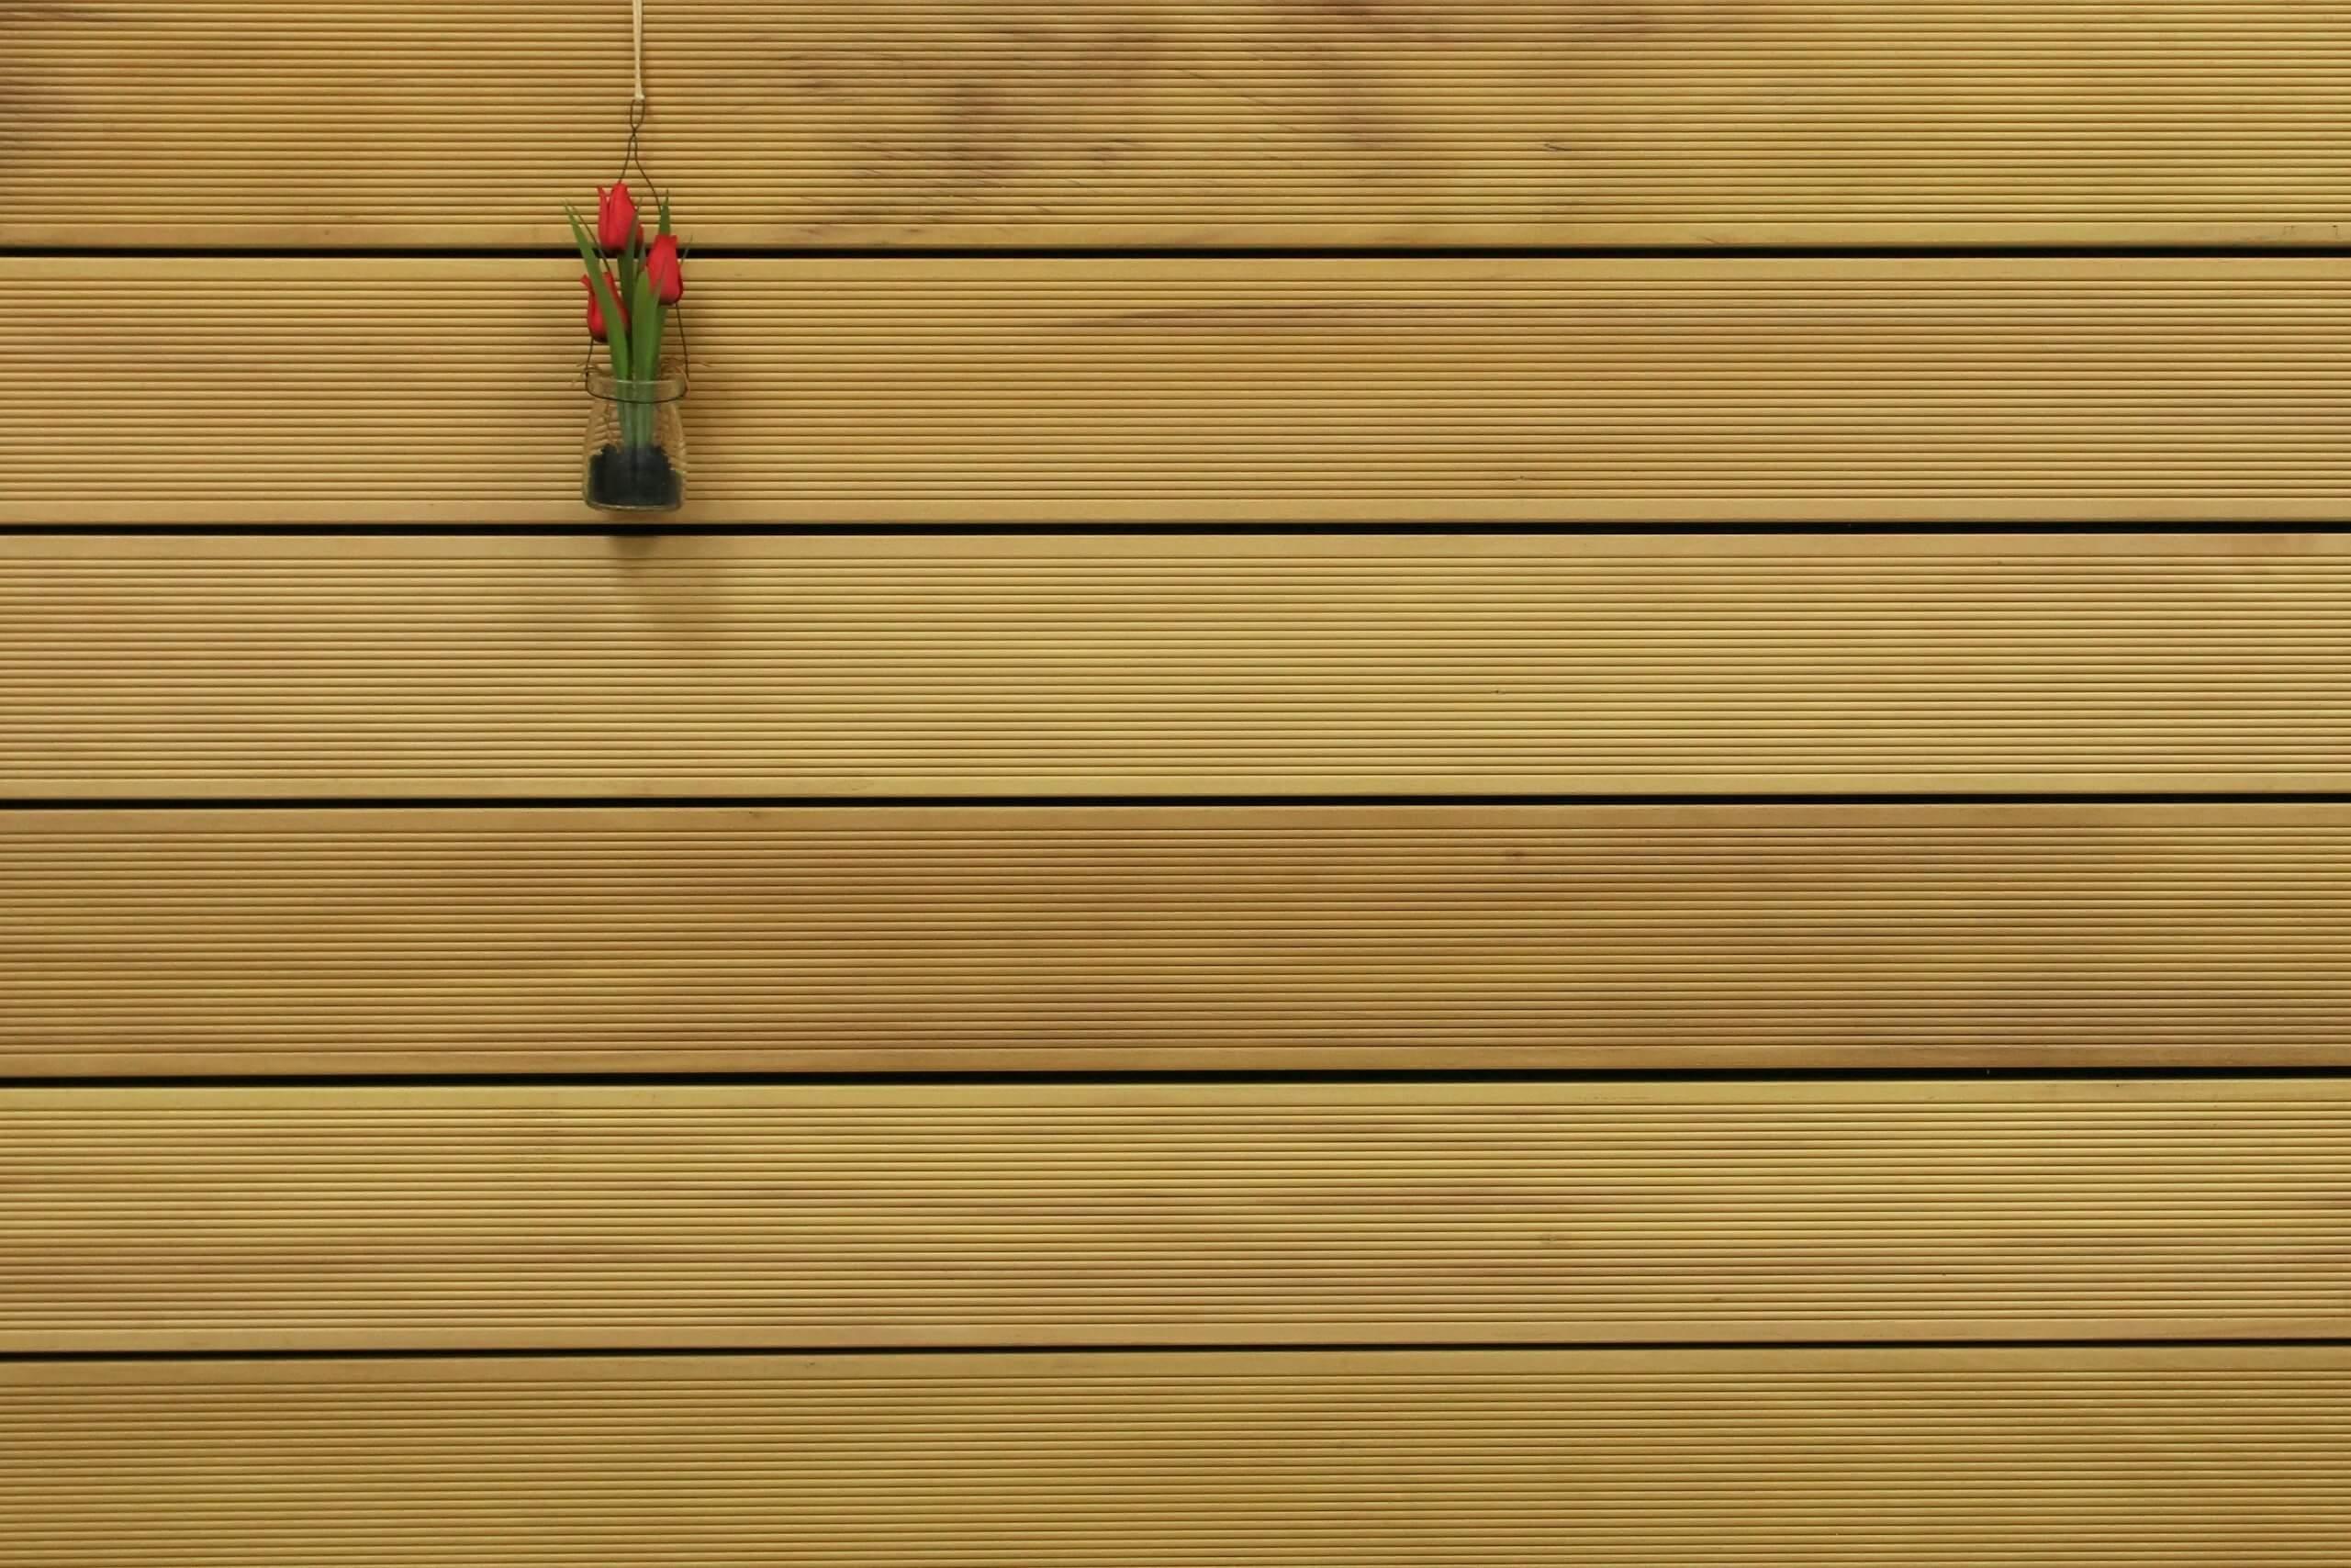 Holzterrasse Garapa, fein gerillt, 45 x 145 bis 6100 mm Dielen, Premium (KD) Holz Bretter für die Terrasse, 21,90 €/lfm